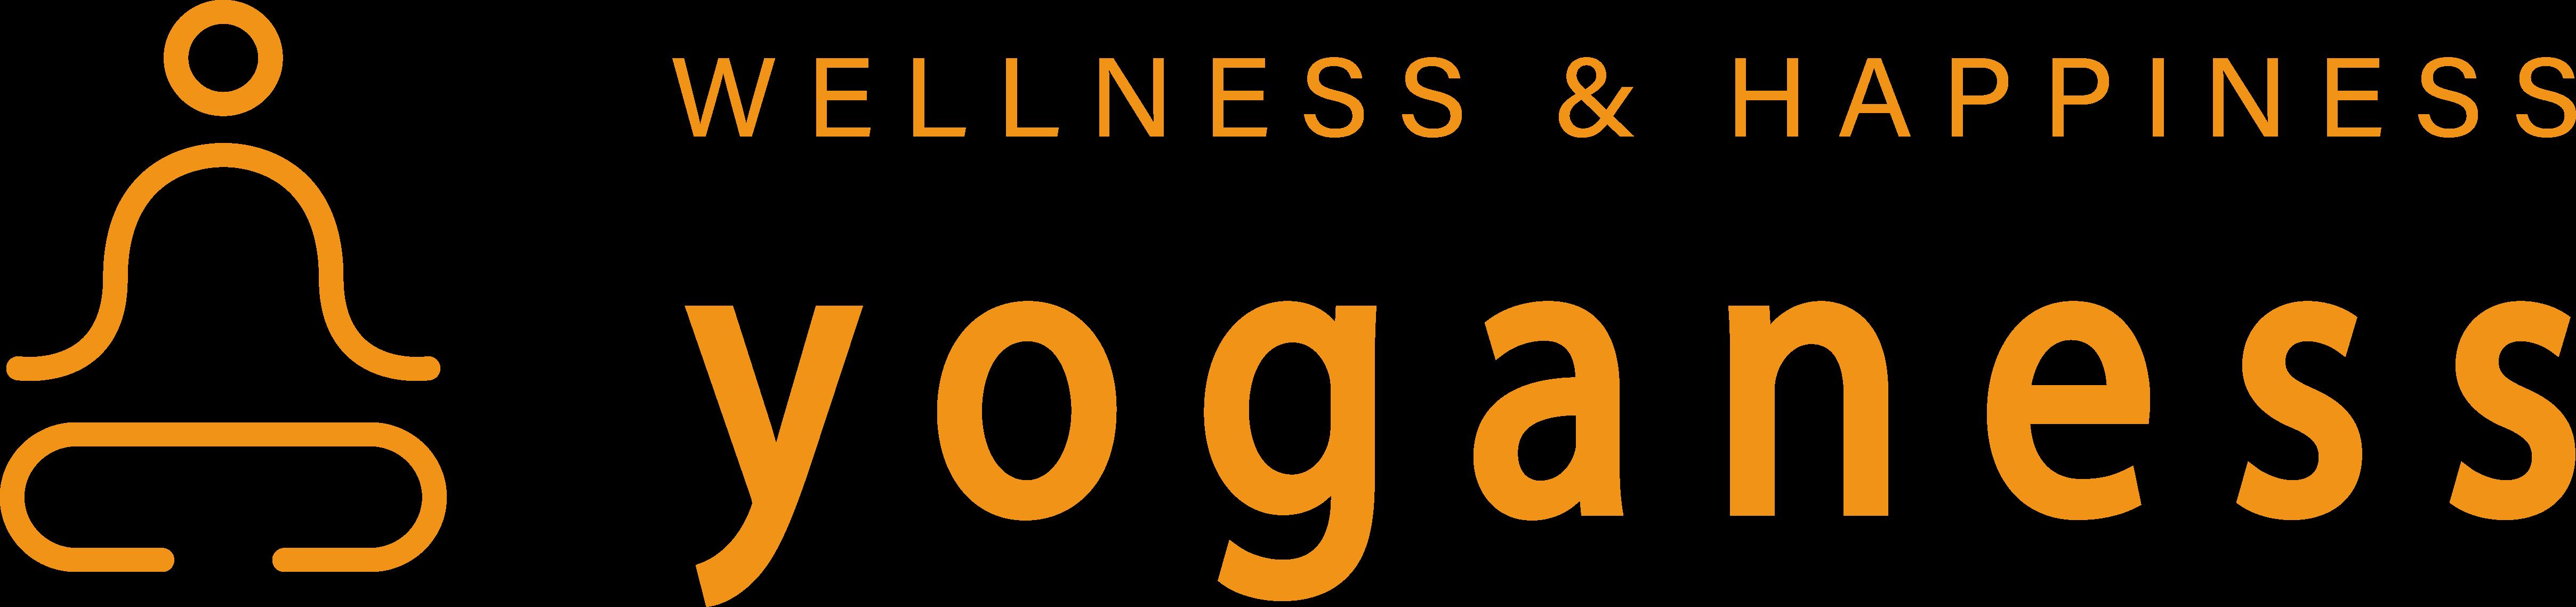 yoganess【ヨガネス】